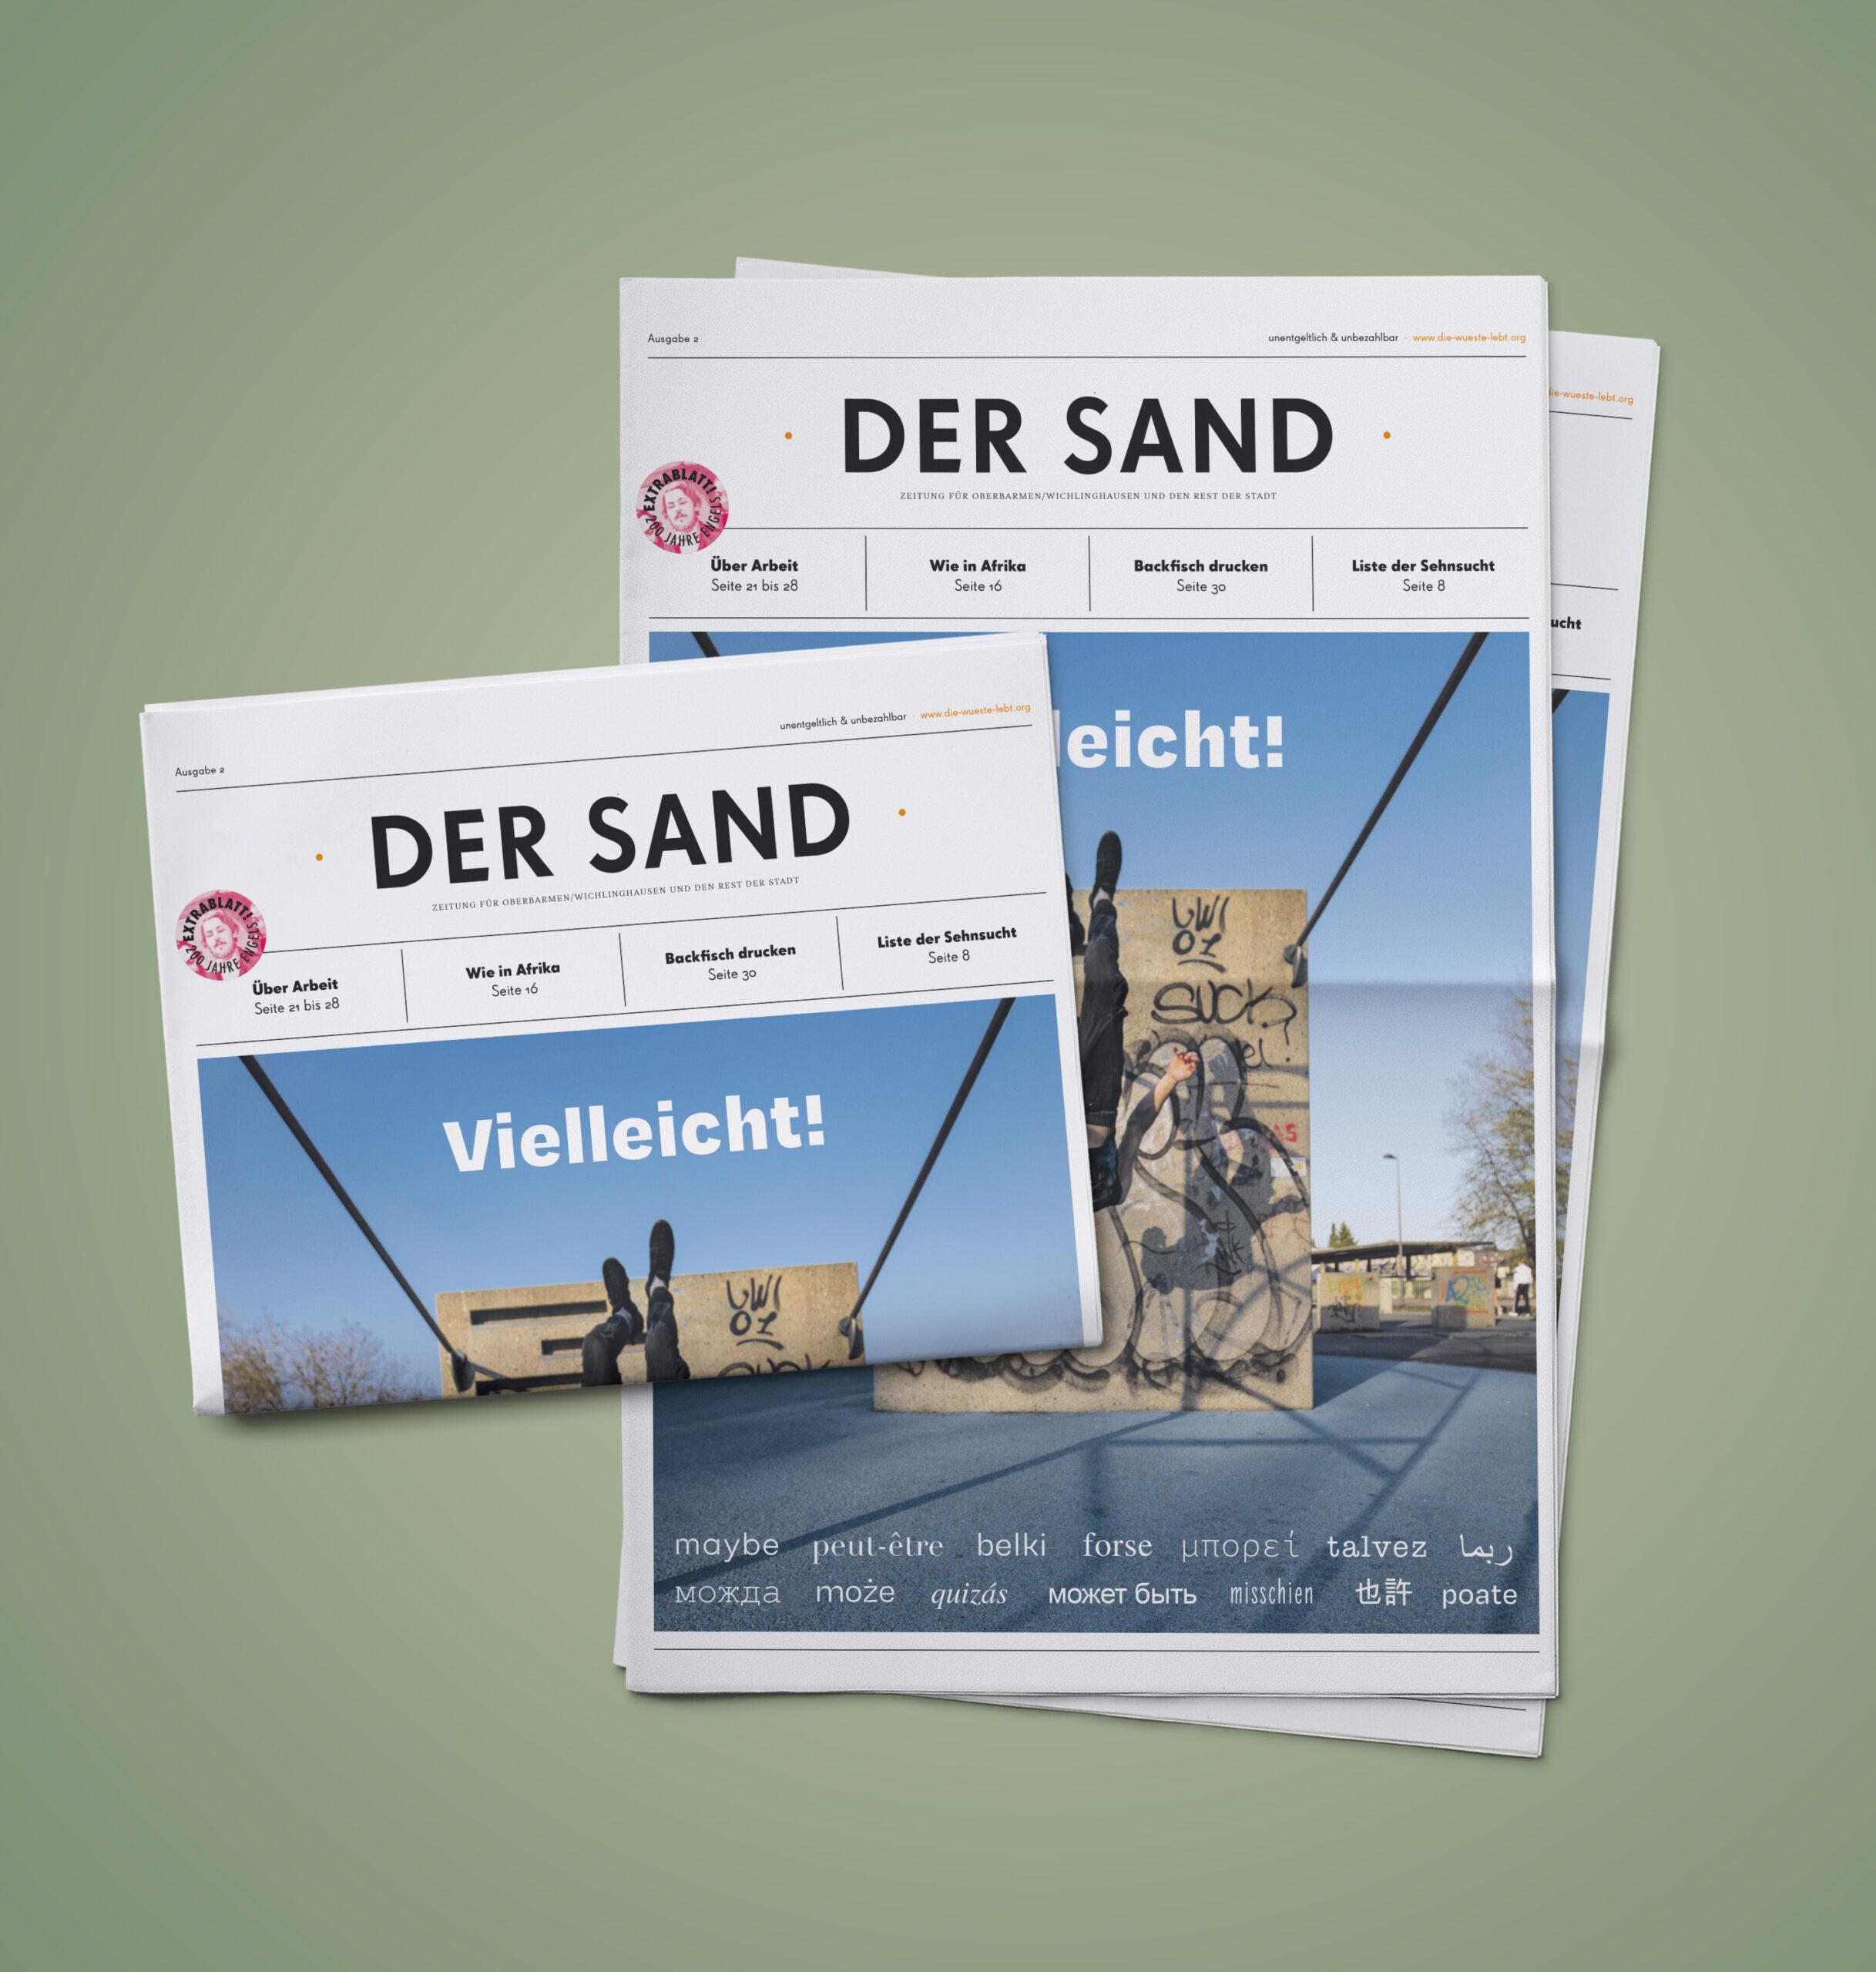 Zweite Ausgabe von DER SAND erschienen